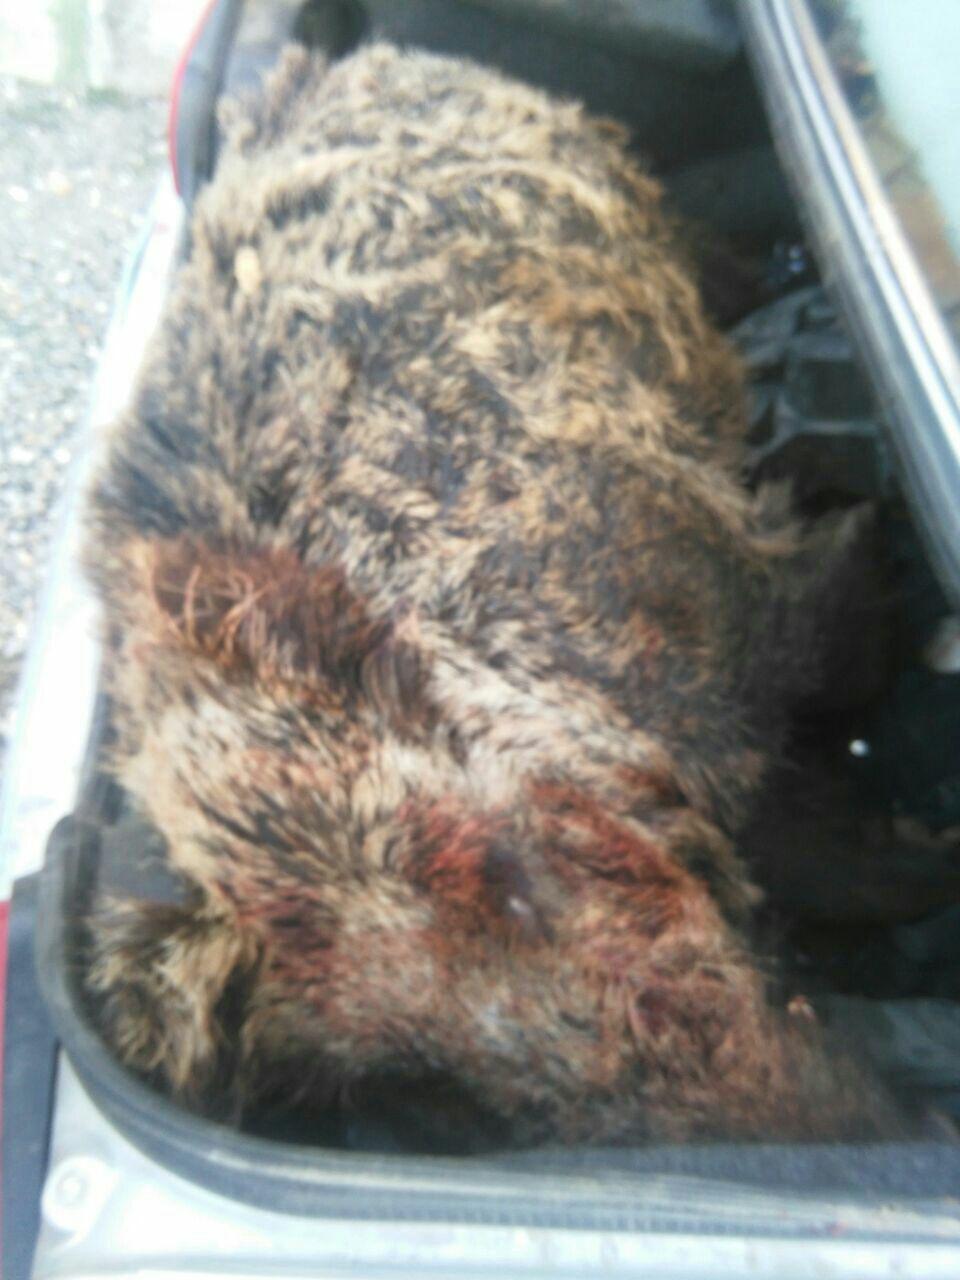 شکارچیان غیرمجاز این بار در دام پلیس گرفتار شدند+تصویر